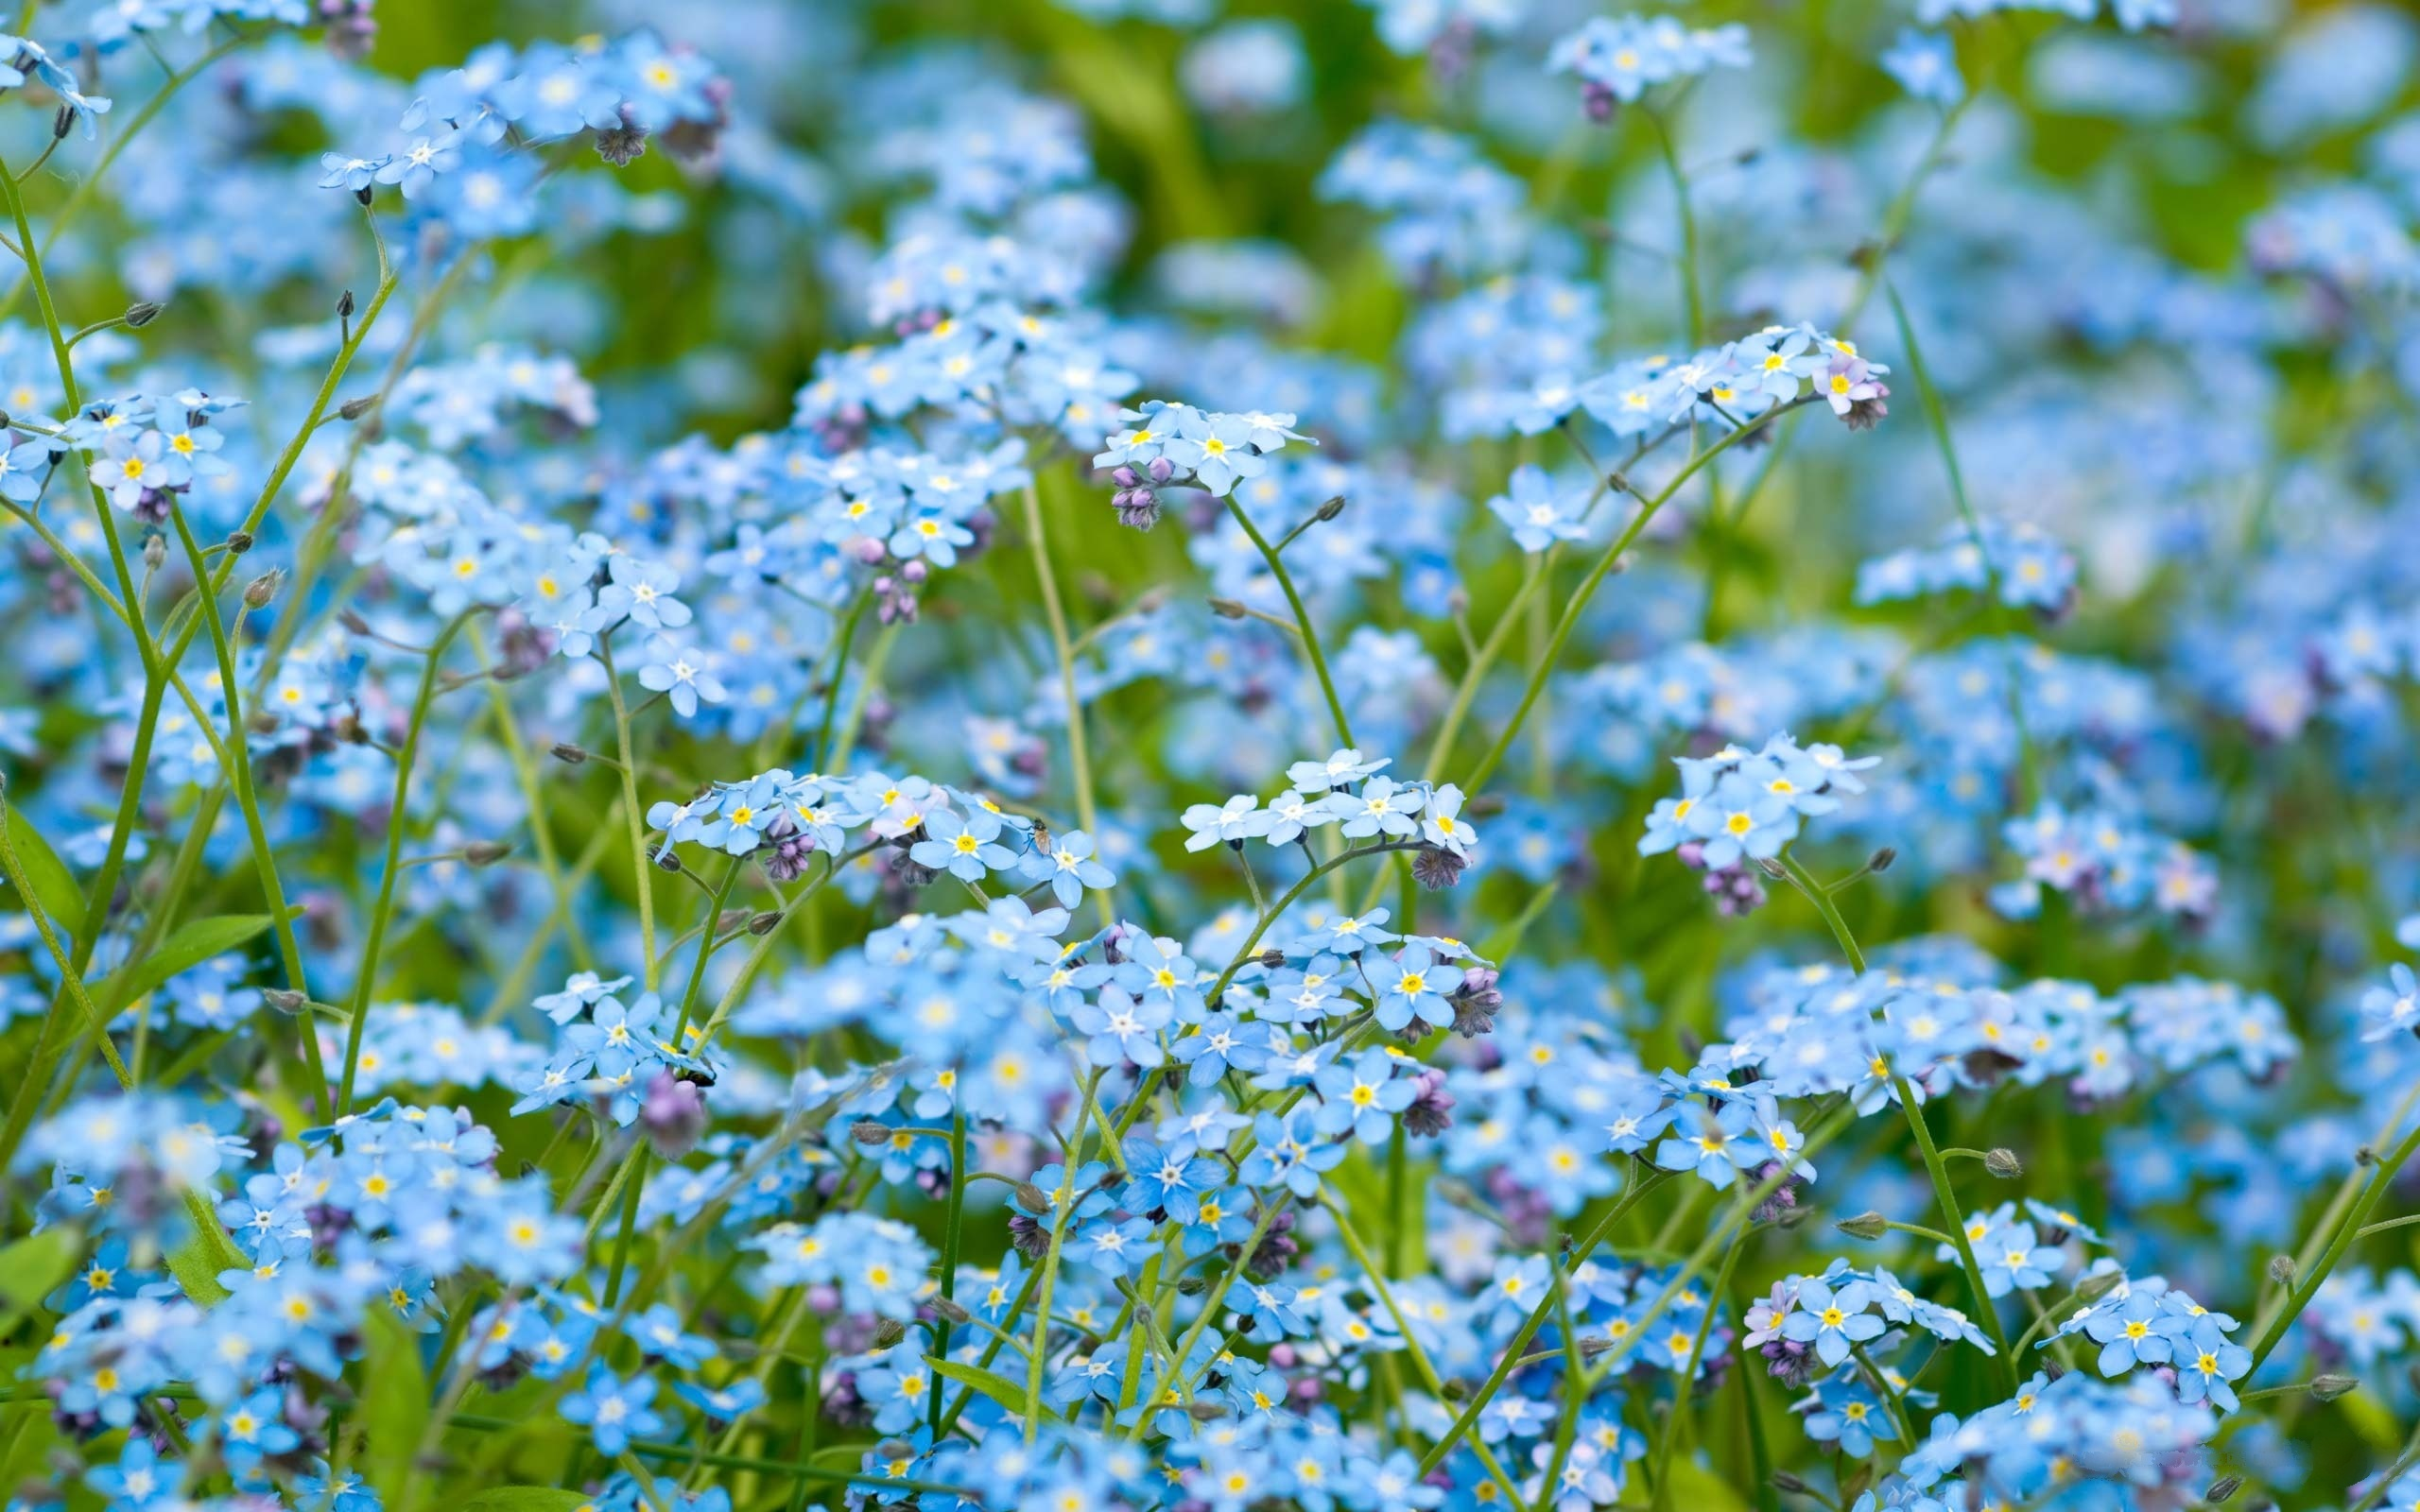 синие цветы незабудки крупный план роса  № 2779689 загрузить